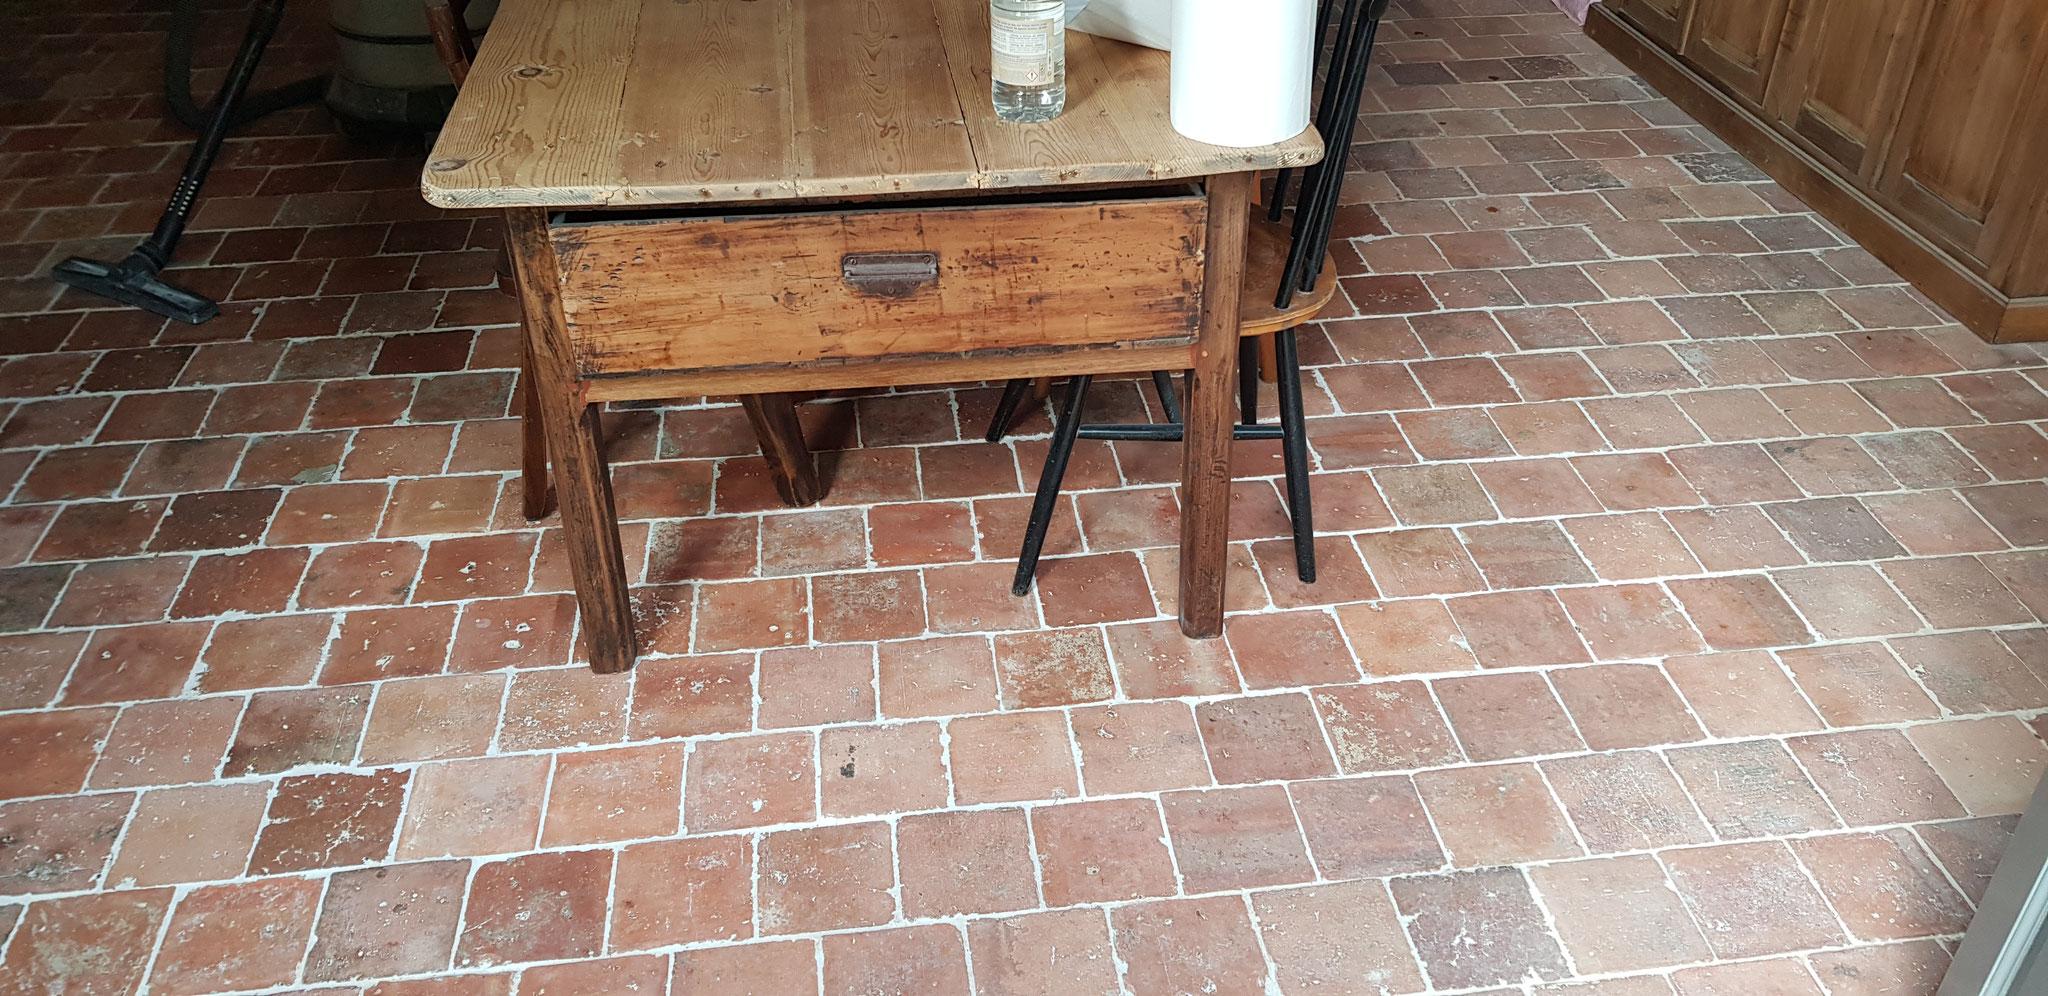 Pavés de terre cuite anciens posés en quinconce à joints serrés jointoyés à la chaux naturelle